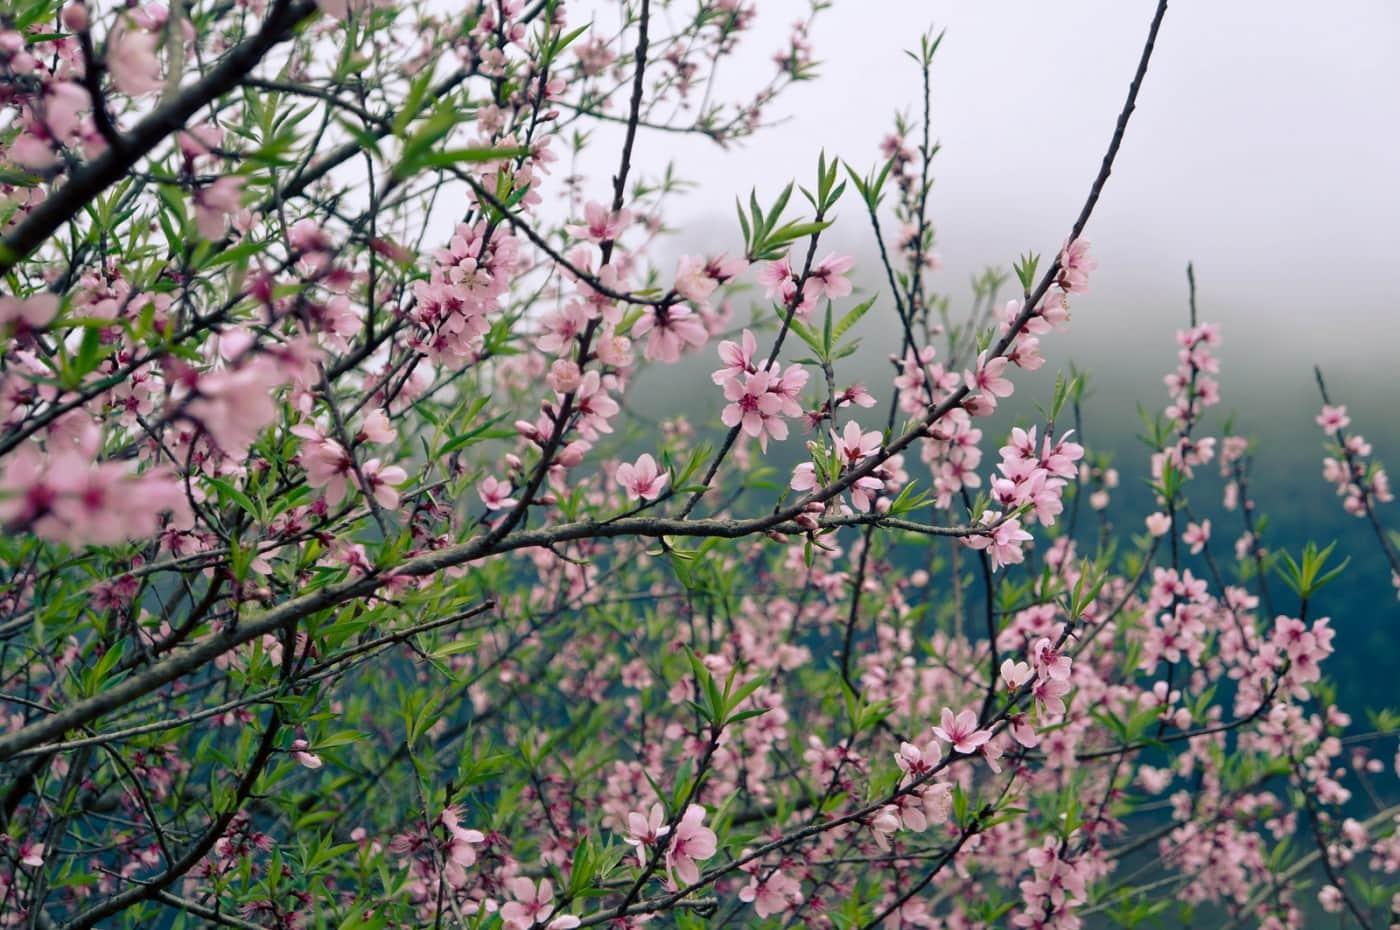 Hoa đào khoe sắc xuân rực rỡ trên đỉnh Lùng Cúng